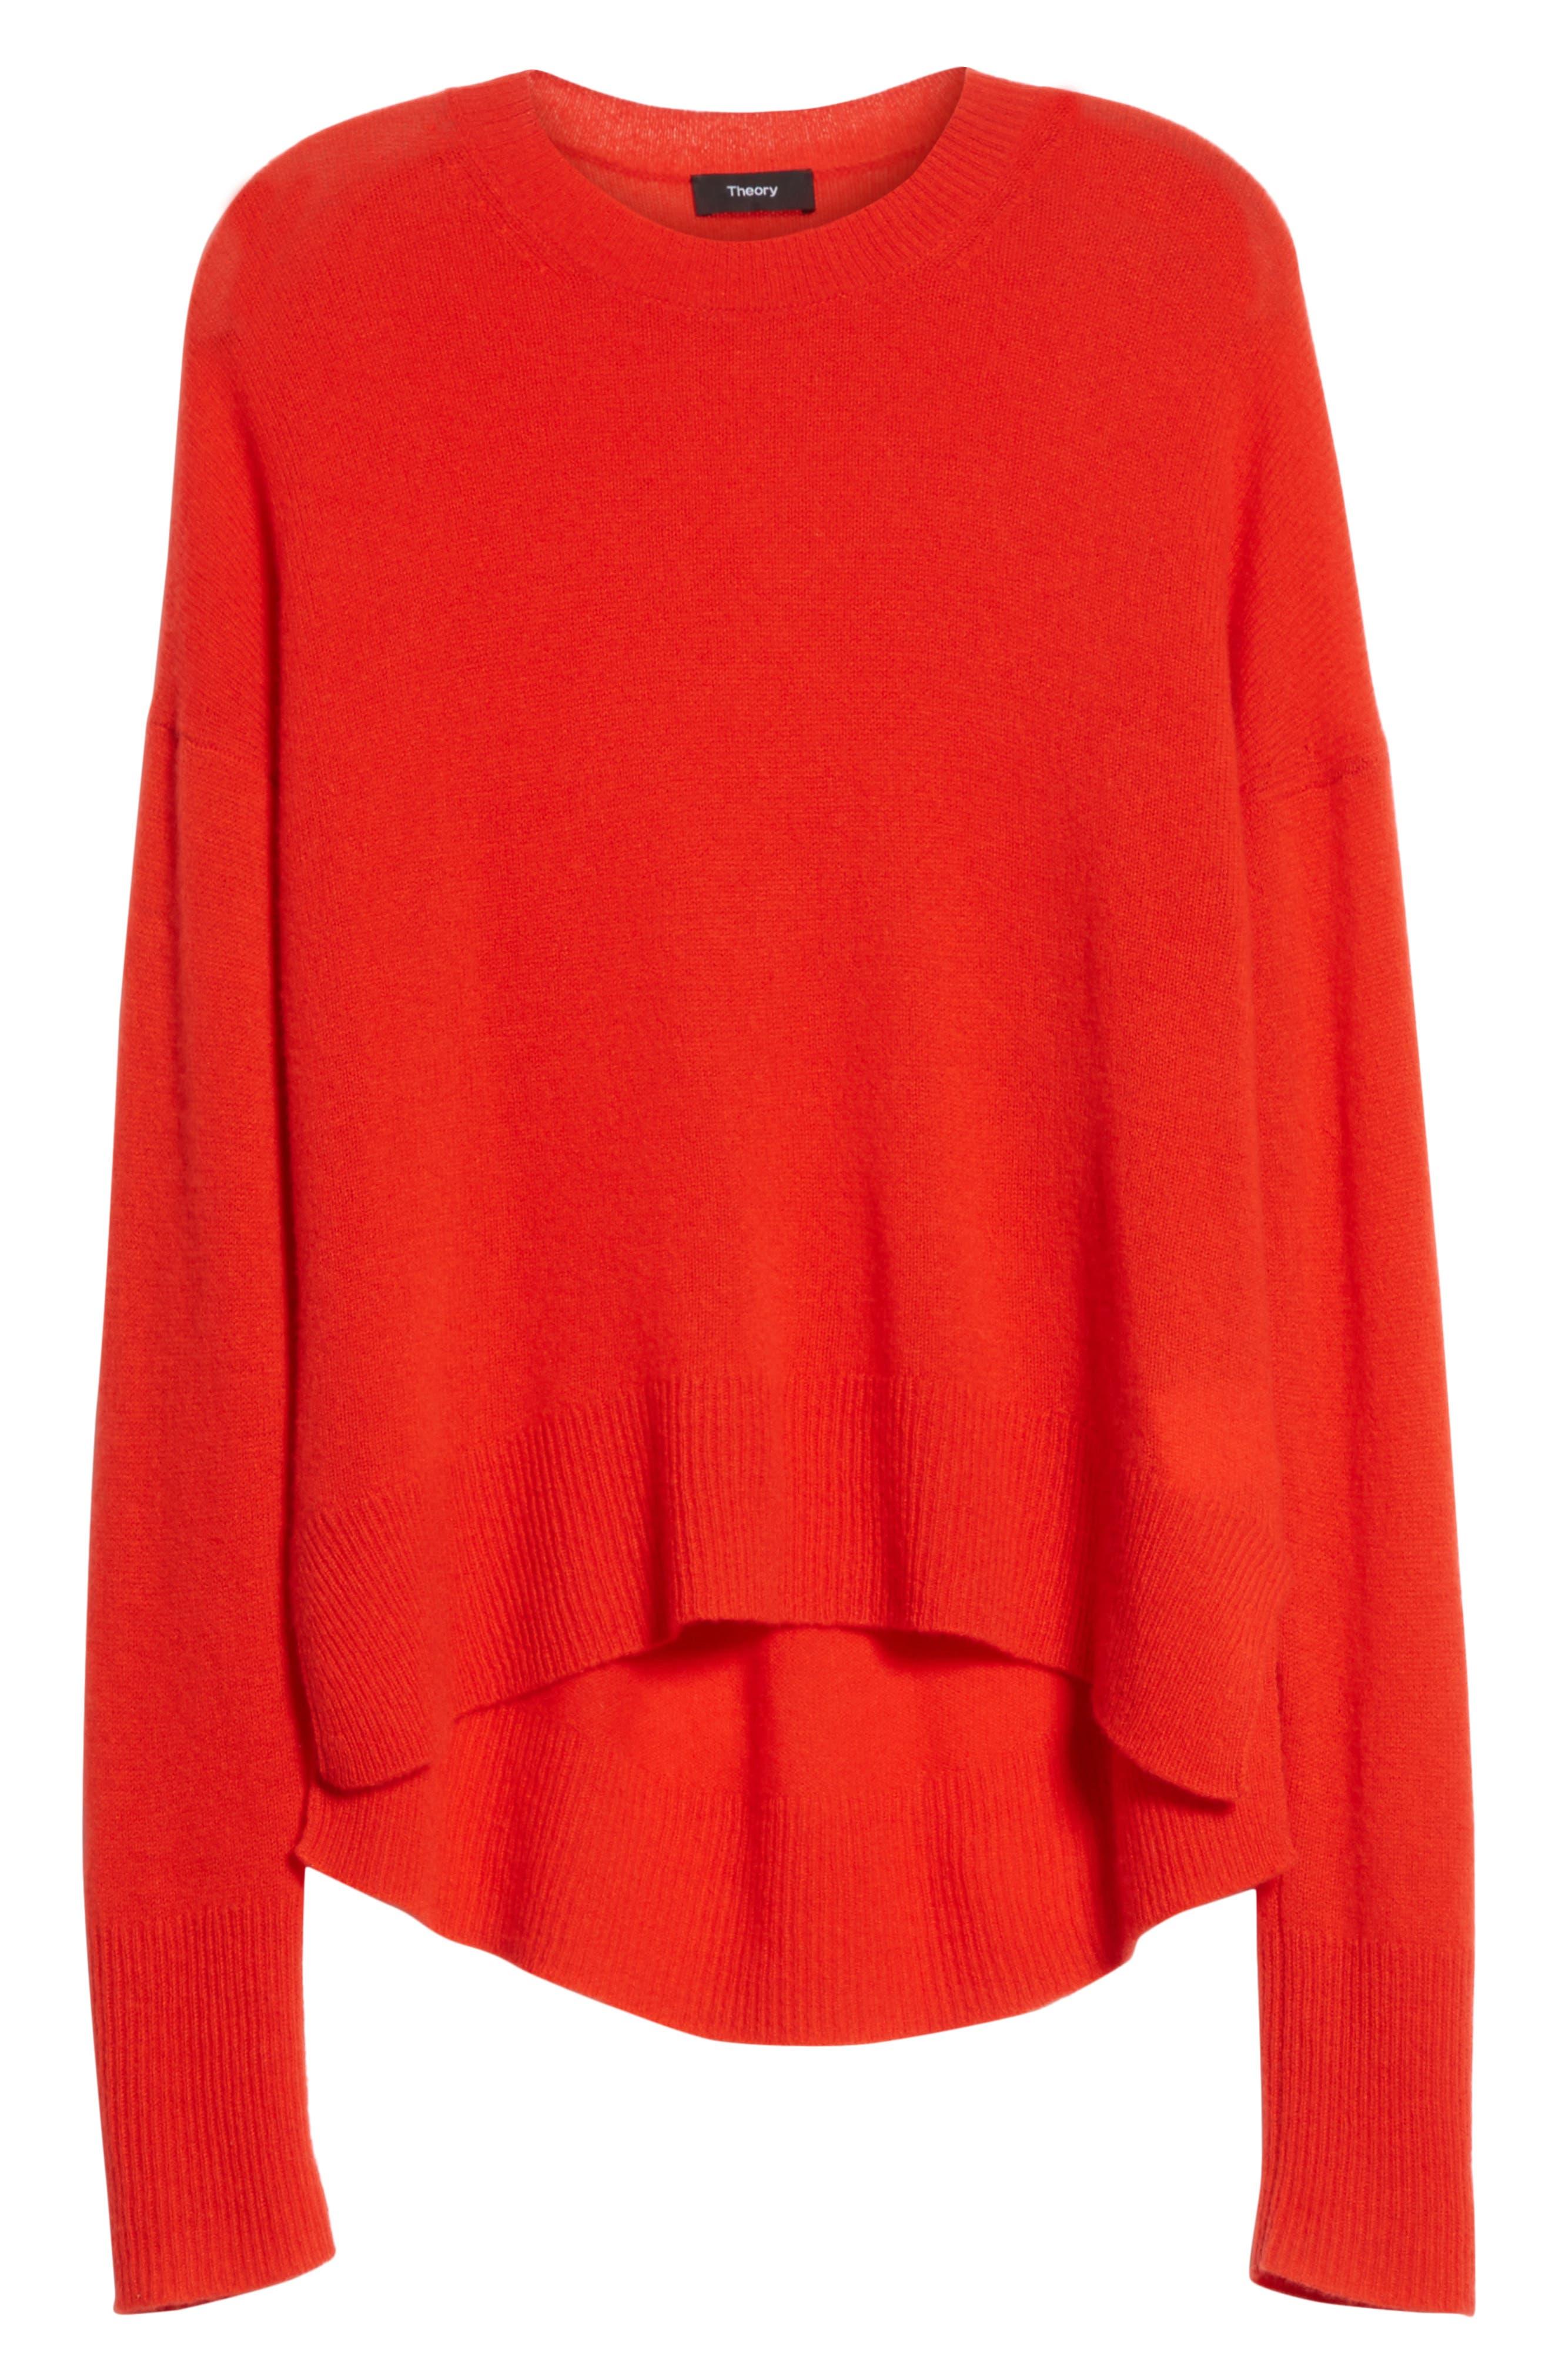 Karenia L Cashmere Sweater,                             Alternate thumbnail 6, color,                             Bight Tomato